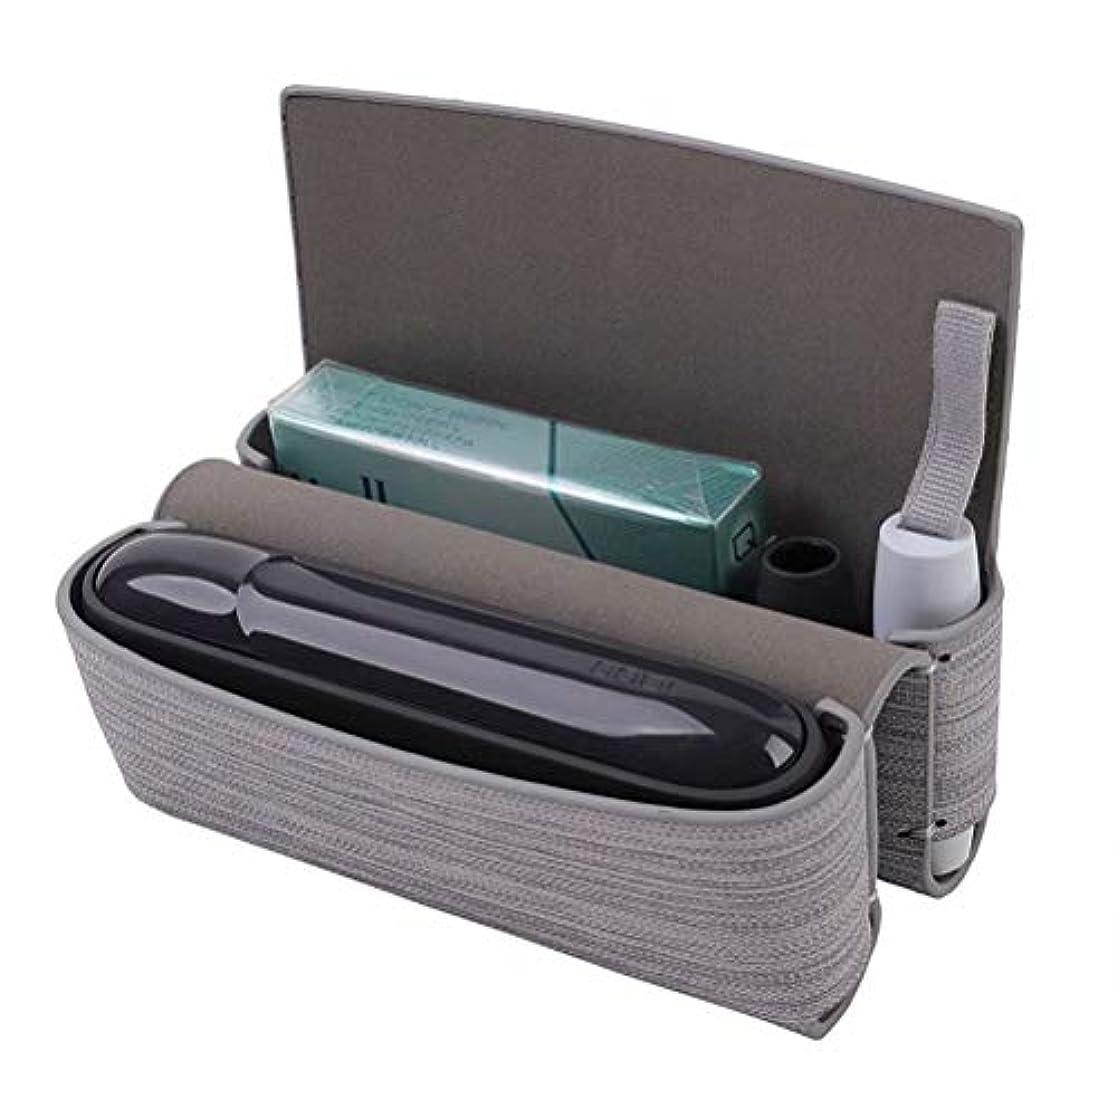 いつでも鼻南Kumi アイコスカバーケース iqos3 完全保護 薄い 収納 軽量 USB充電穴 クリア ブランド(F グレー)